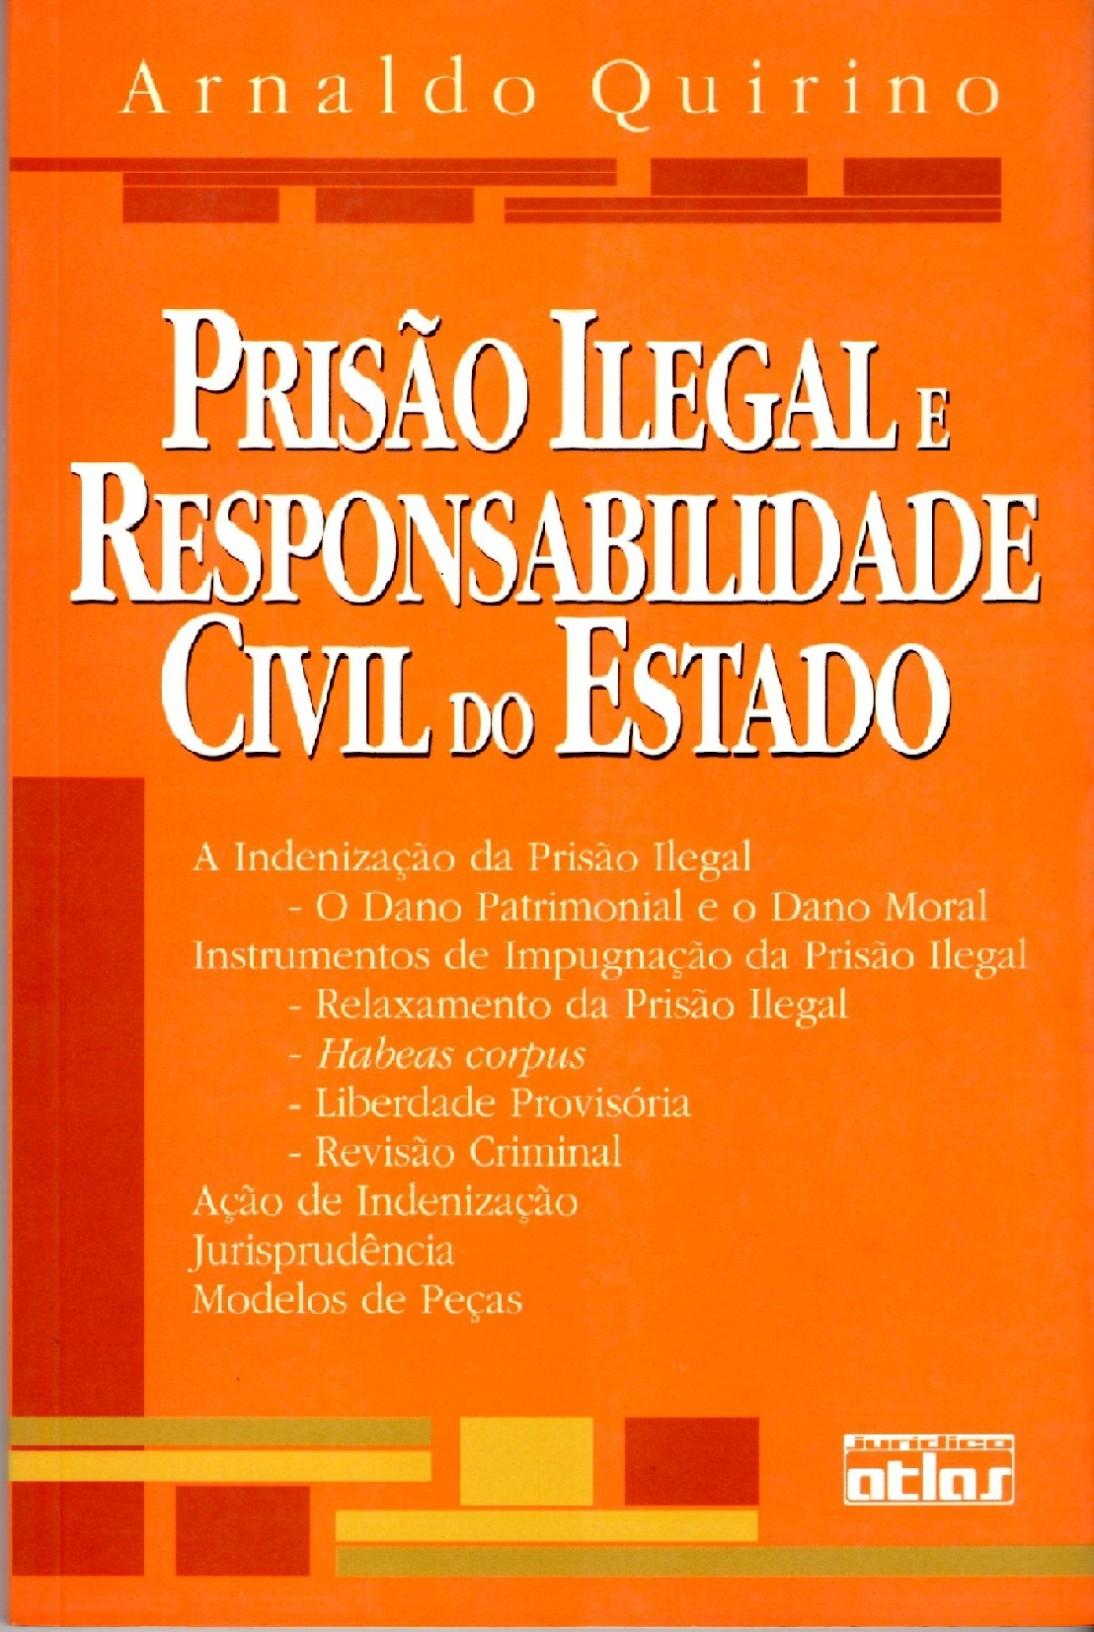 A indenização da prisão ilegal e instrumentos de impugnação da prisão ilegal